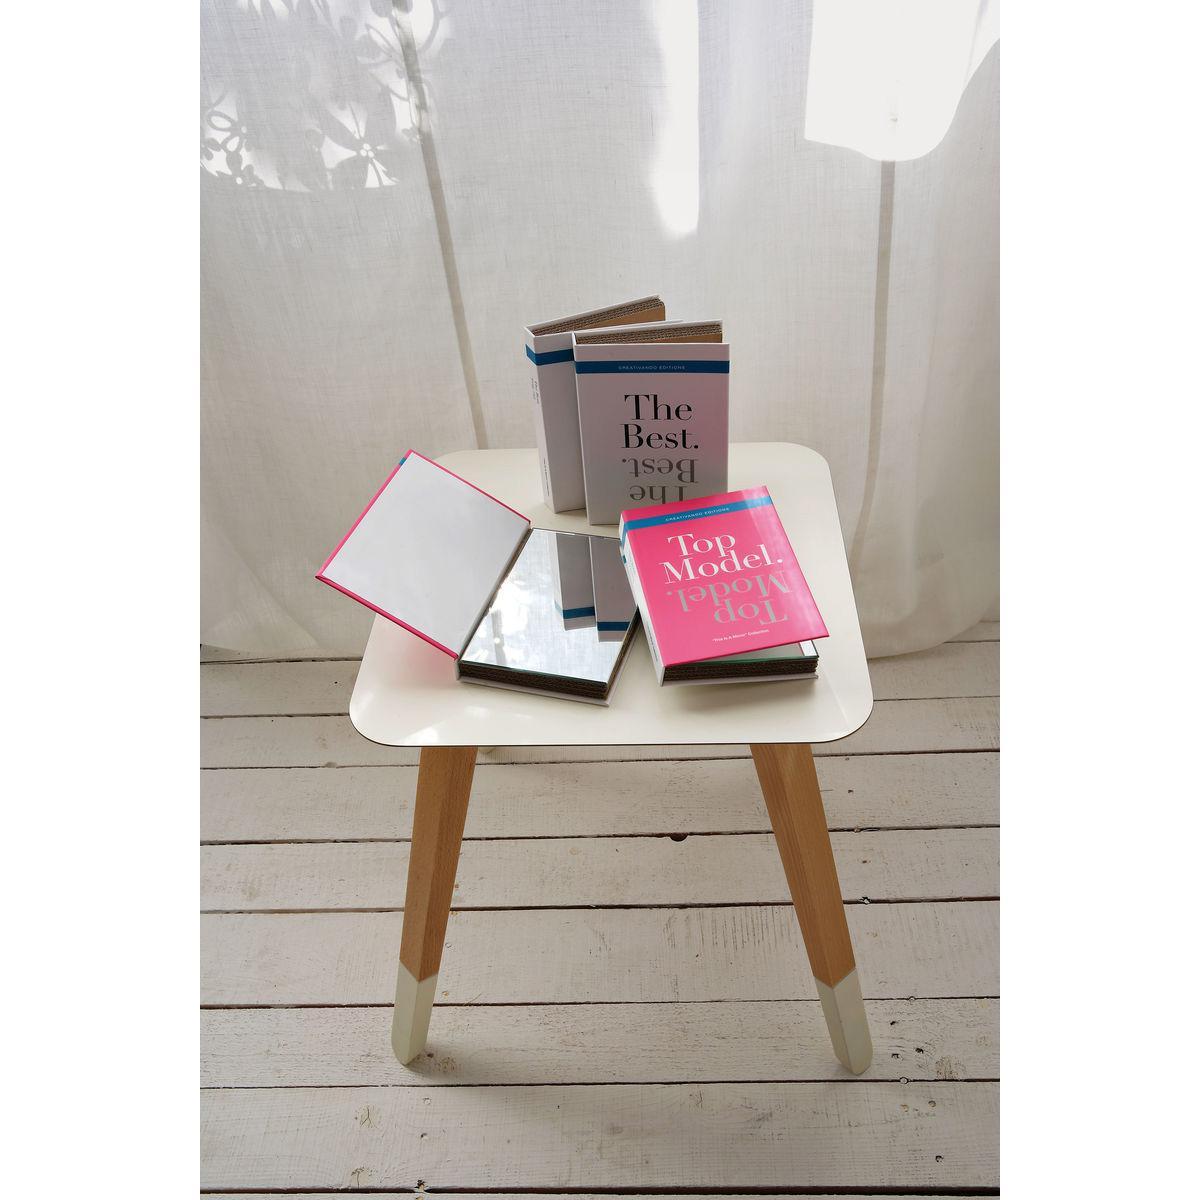 Specchi da borsetta o scrivania a forma di libro copertine colorate